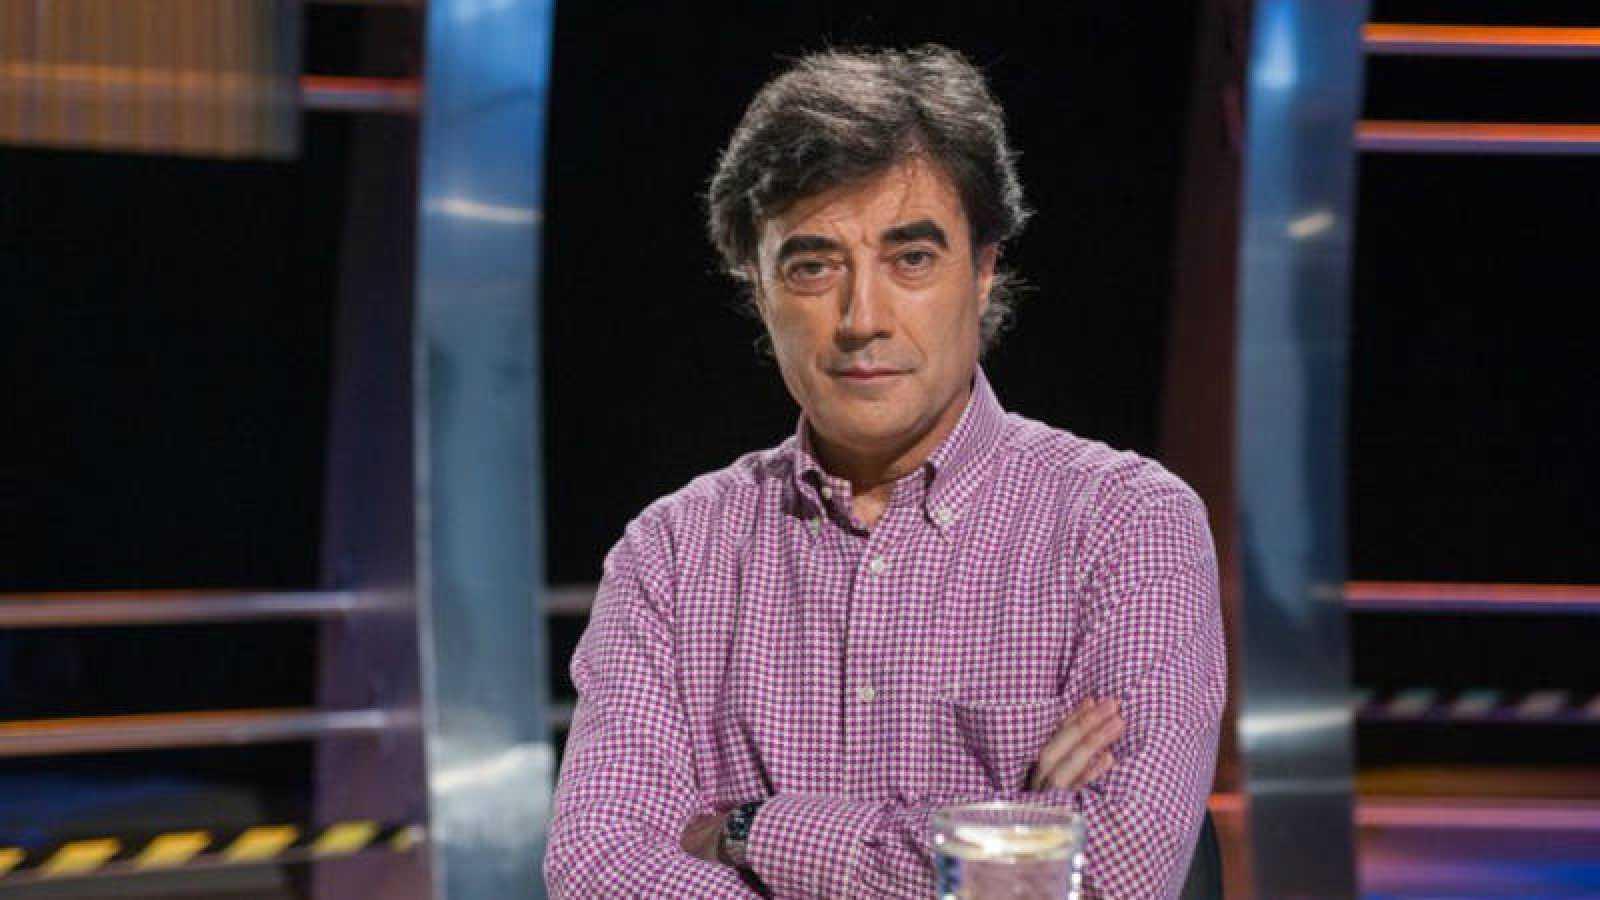 Tomás Fdo. Flores, director de Radio 3